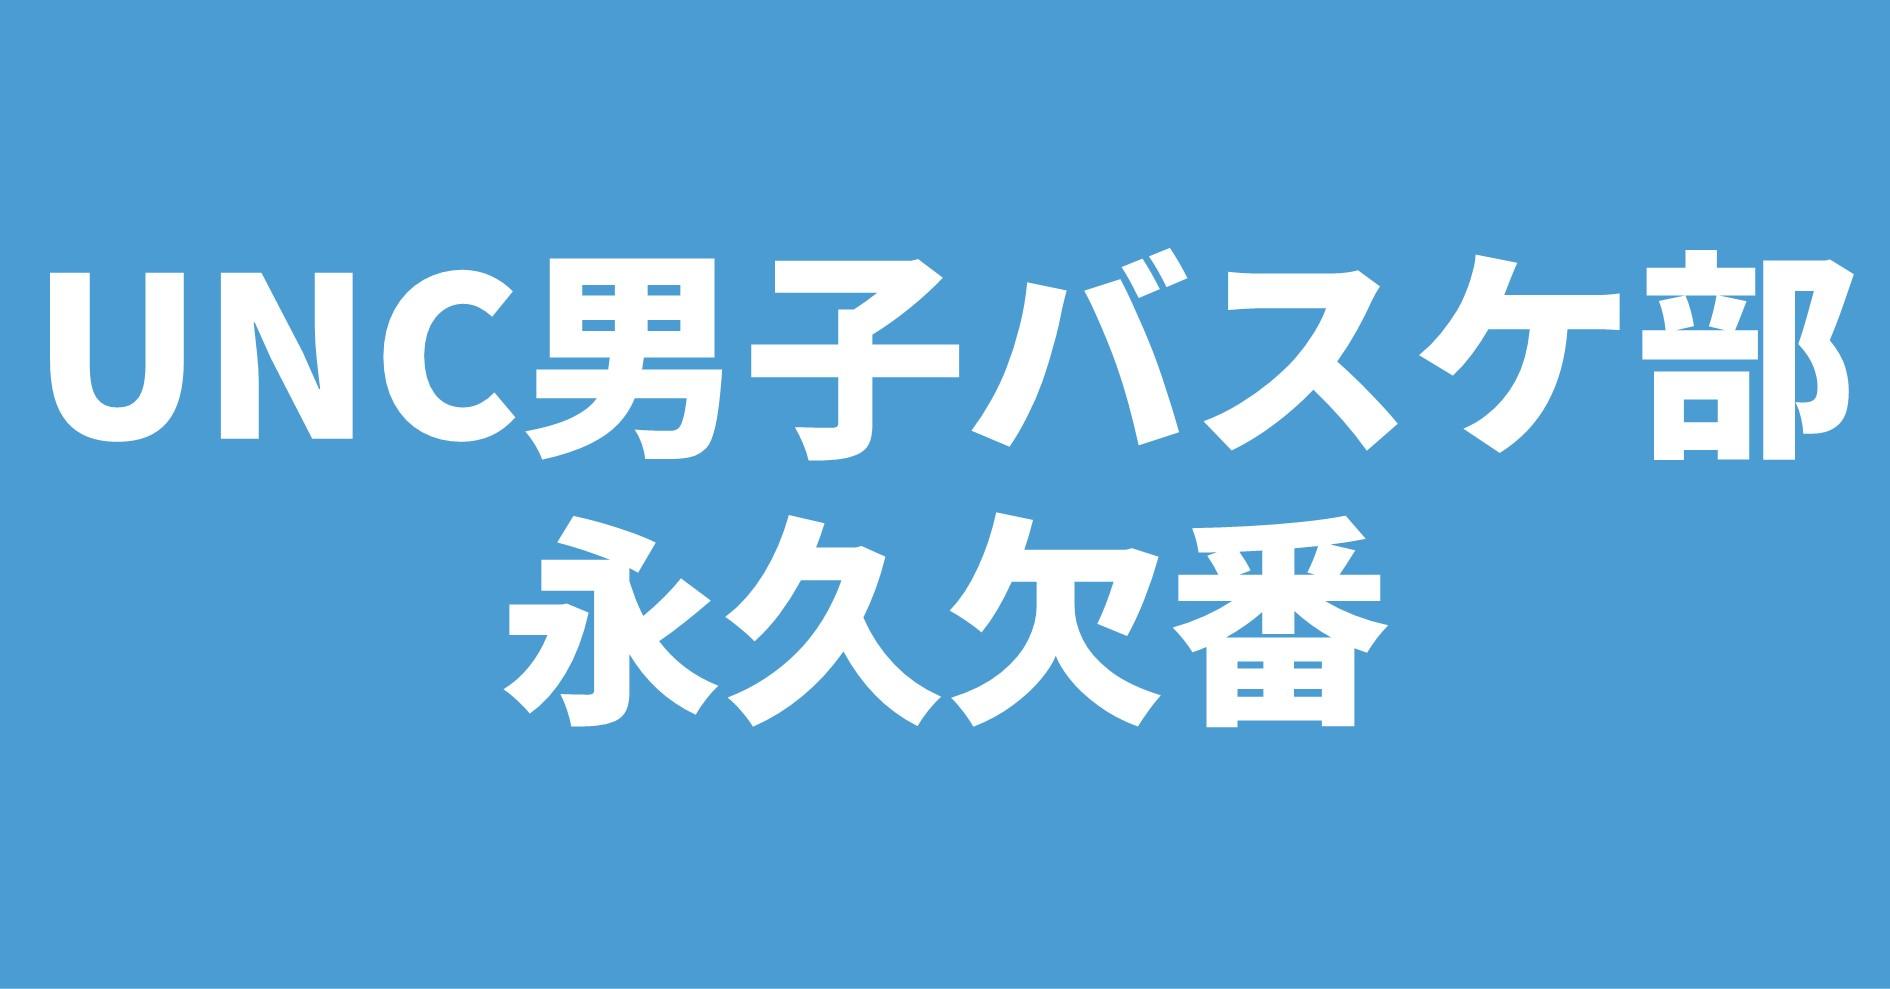 UNC男子バスケ部 永久欠番